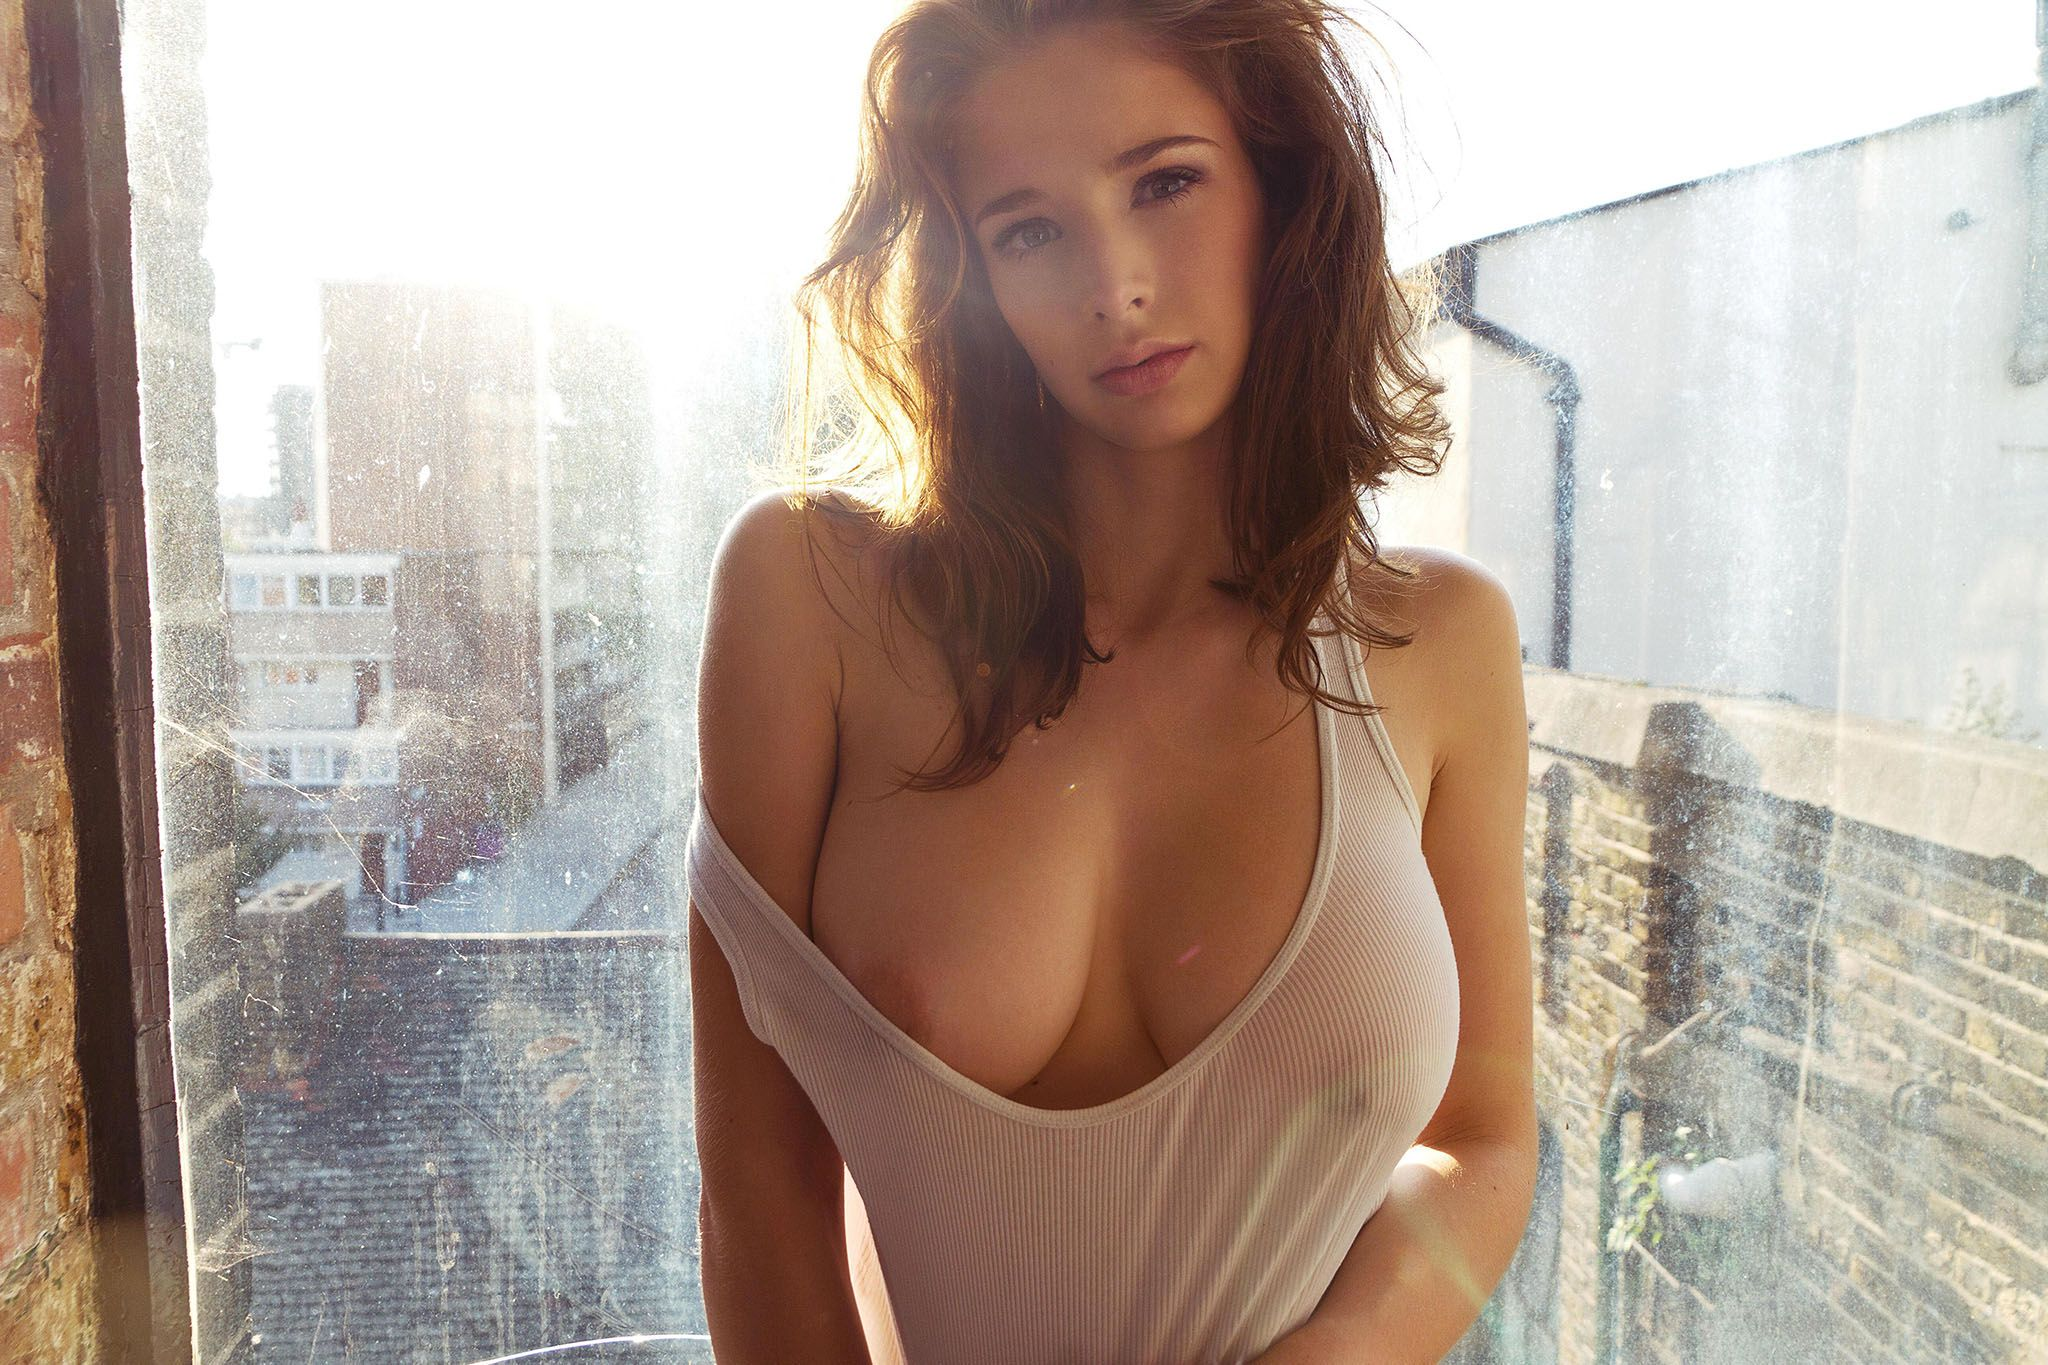 female nude pic voyeur